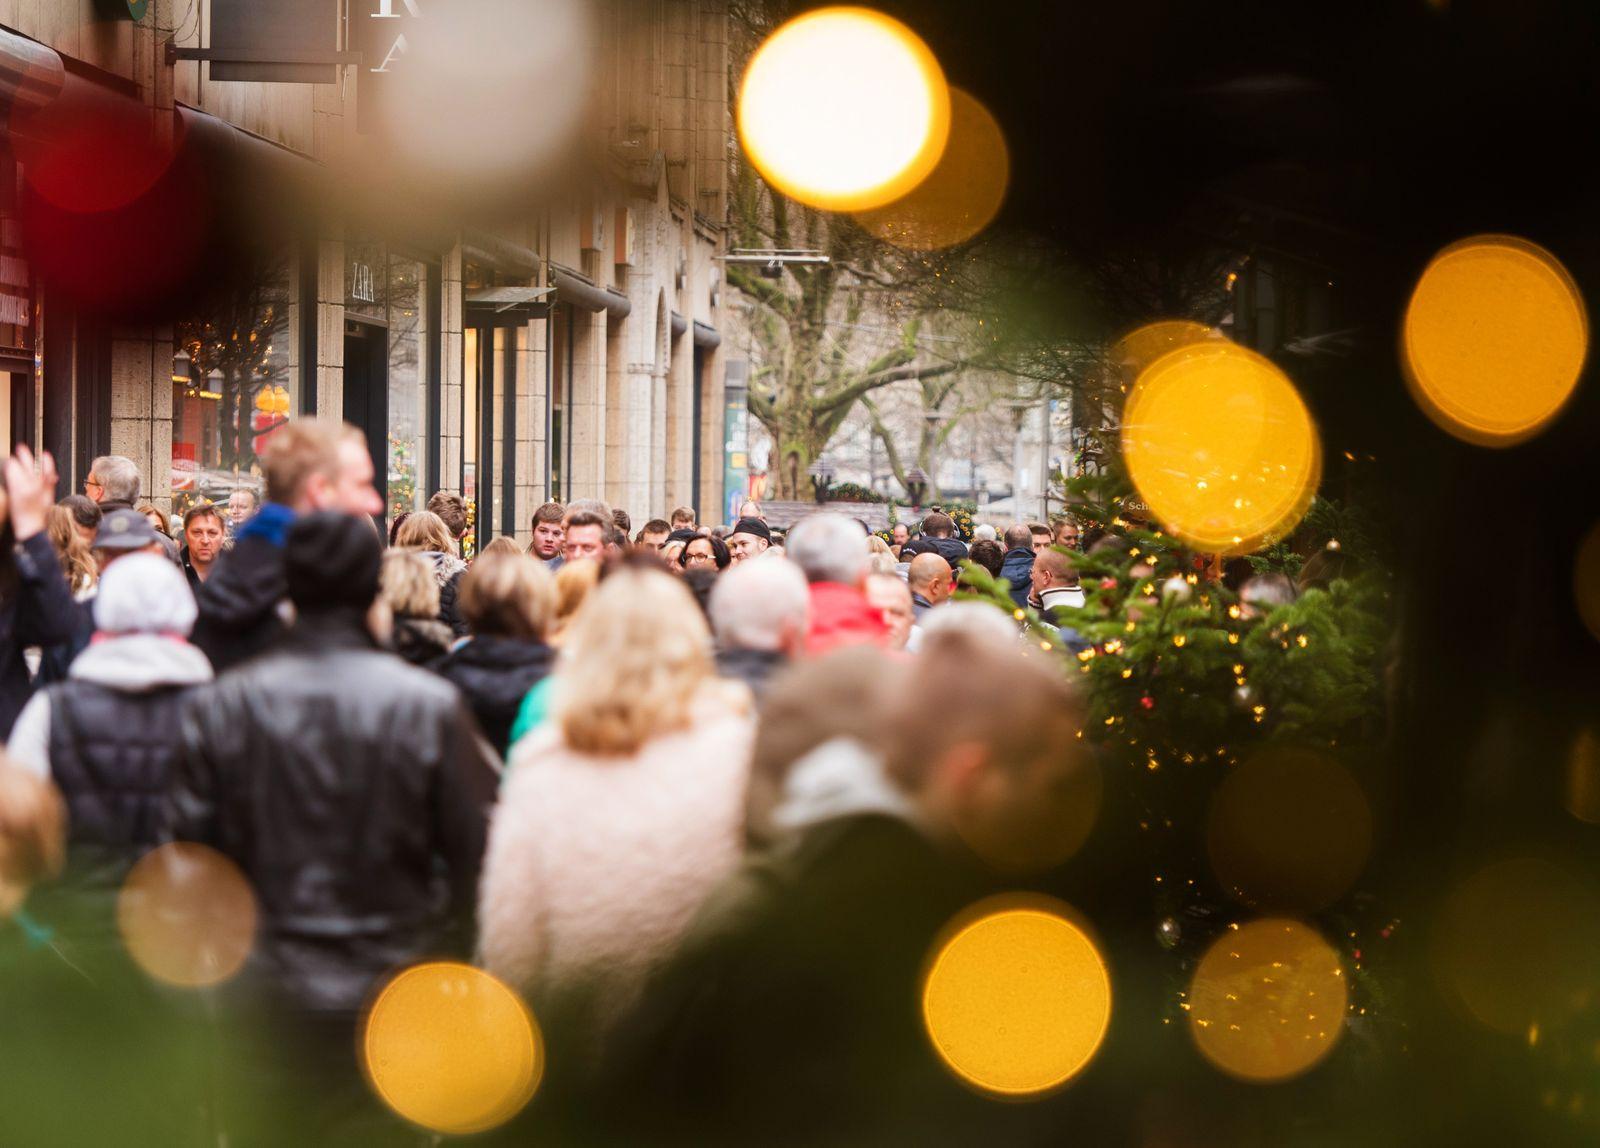 Weihnachten / Shoppen / Konsum / Weihnachtseinkäufe